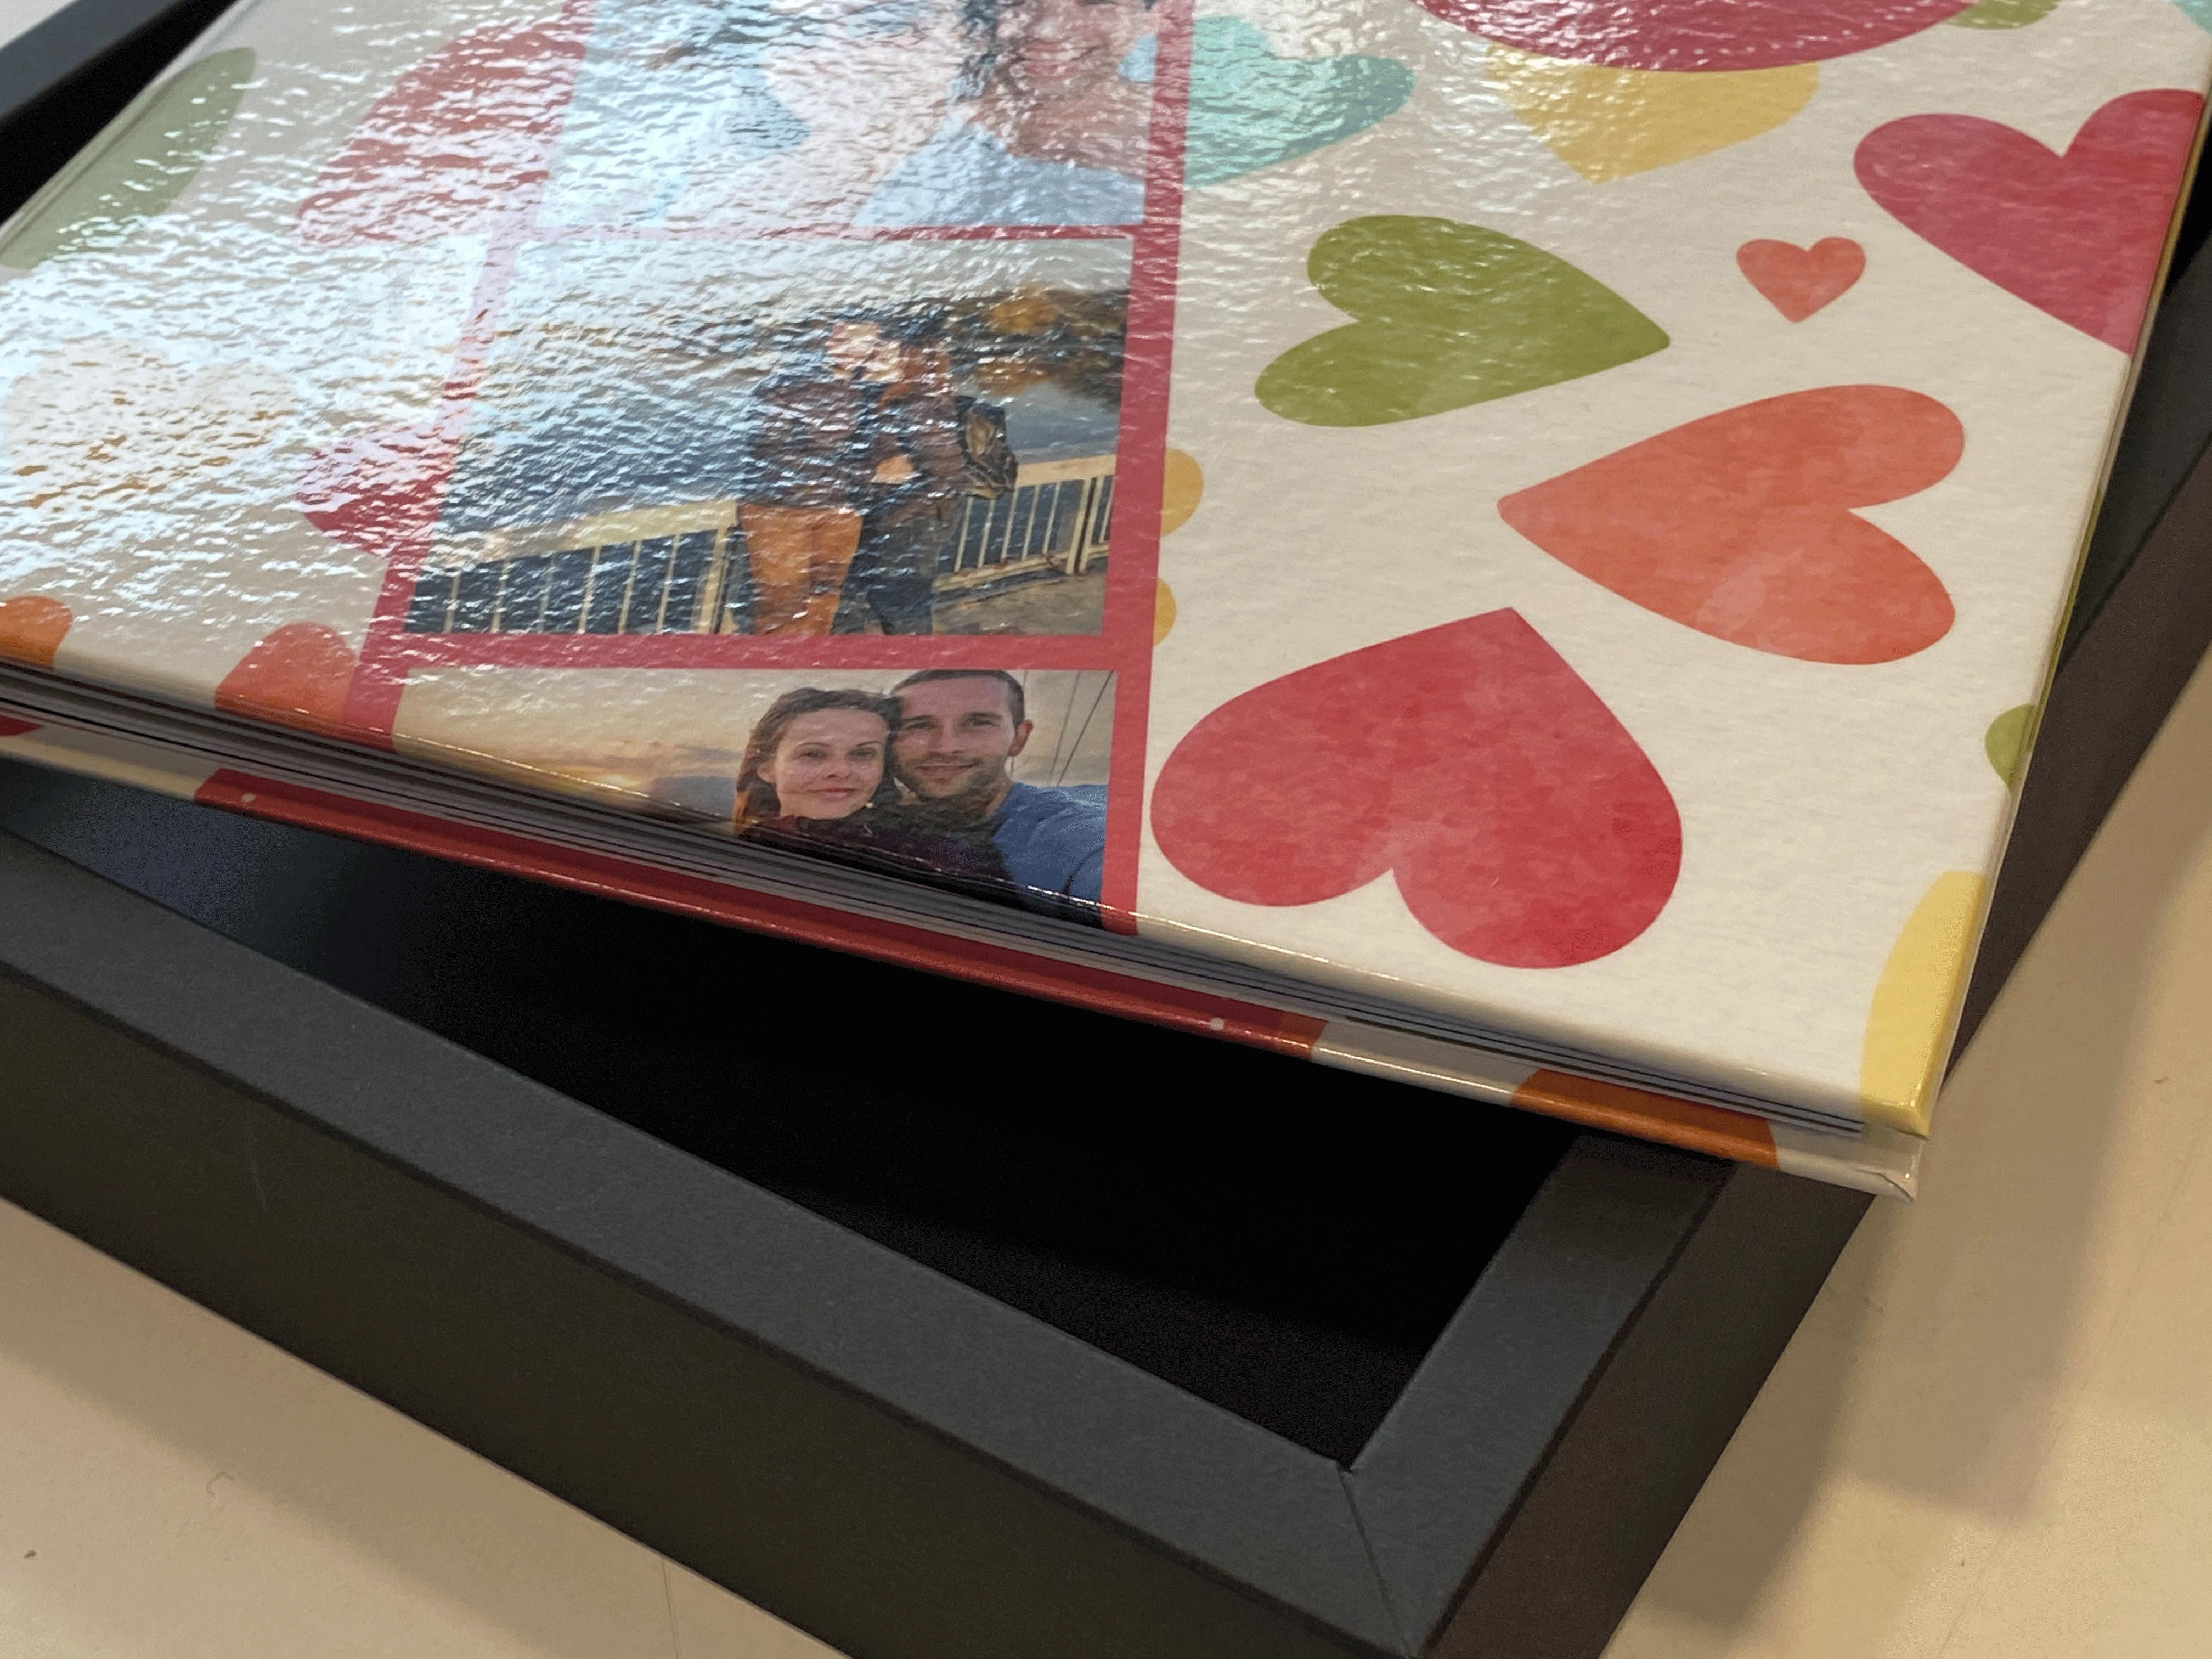 фото книга - романтичен подарък за Свети Валентин